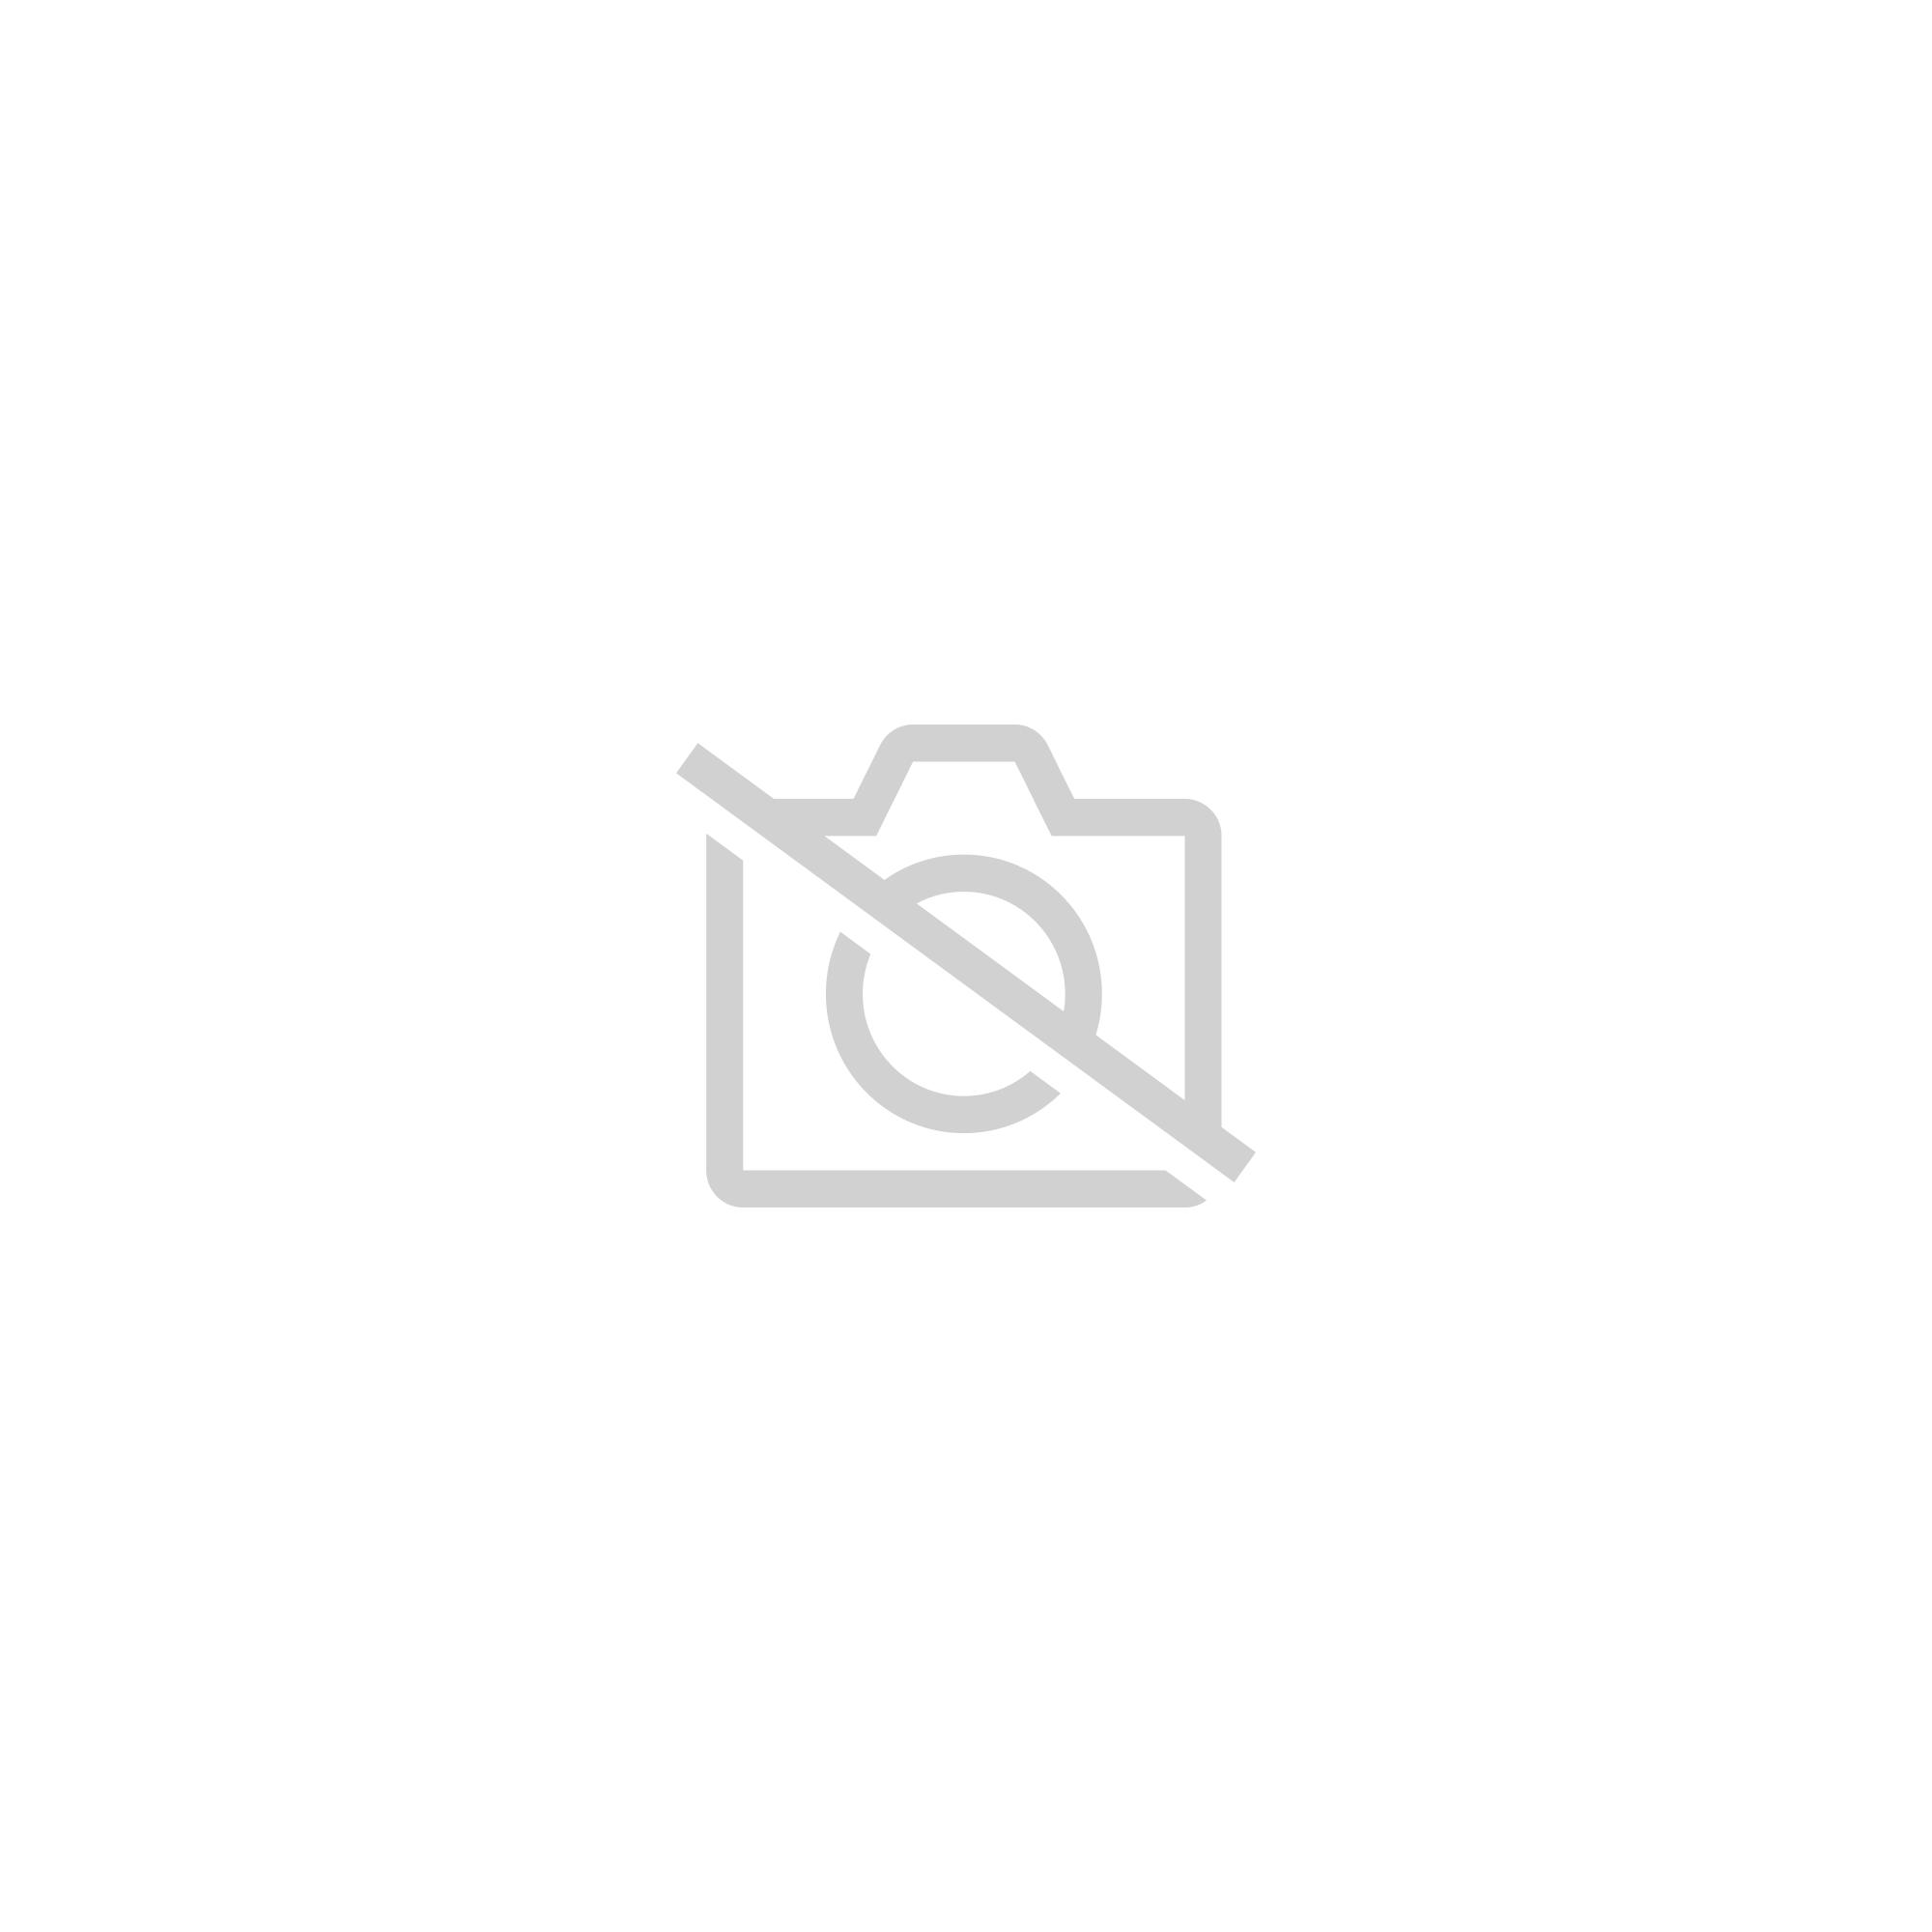 Achille Talon (Intgrale) Coffret Achille Talon-Intgrale Complete